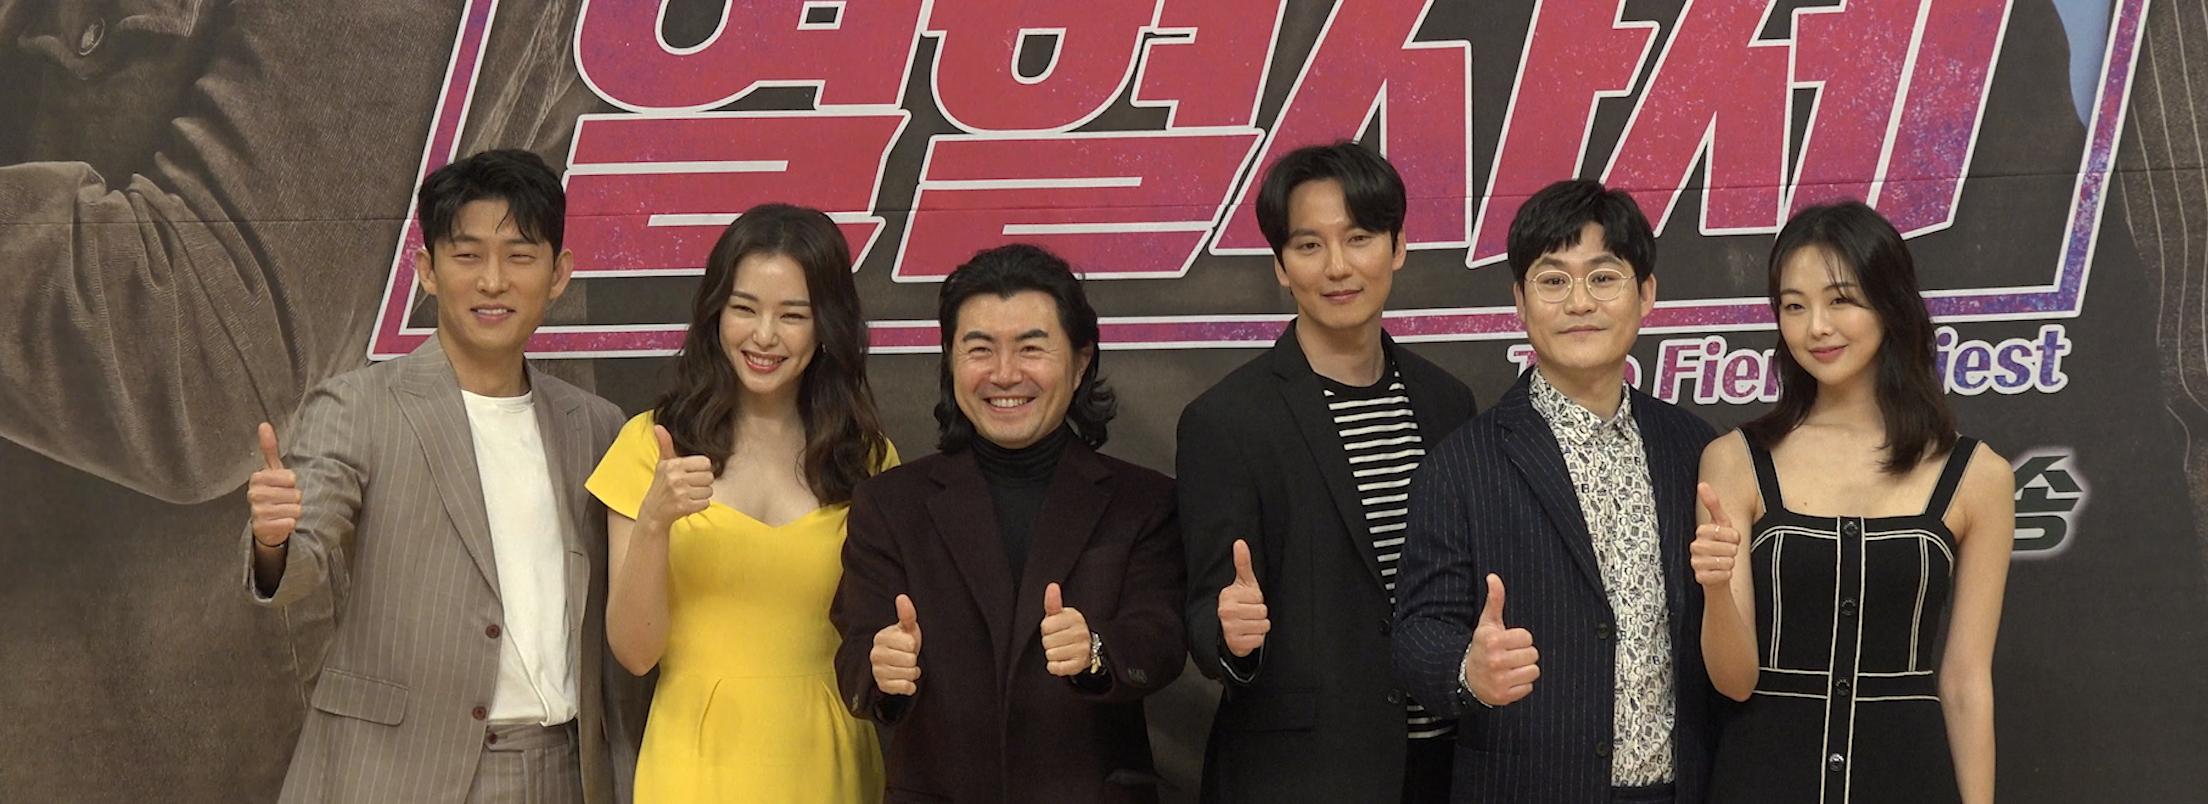 [영상] 드라마 '열혈사제' 제작발표회 - 현장영상